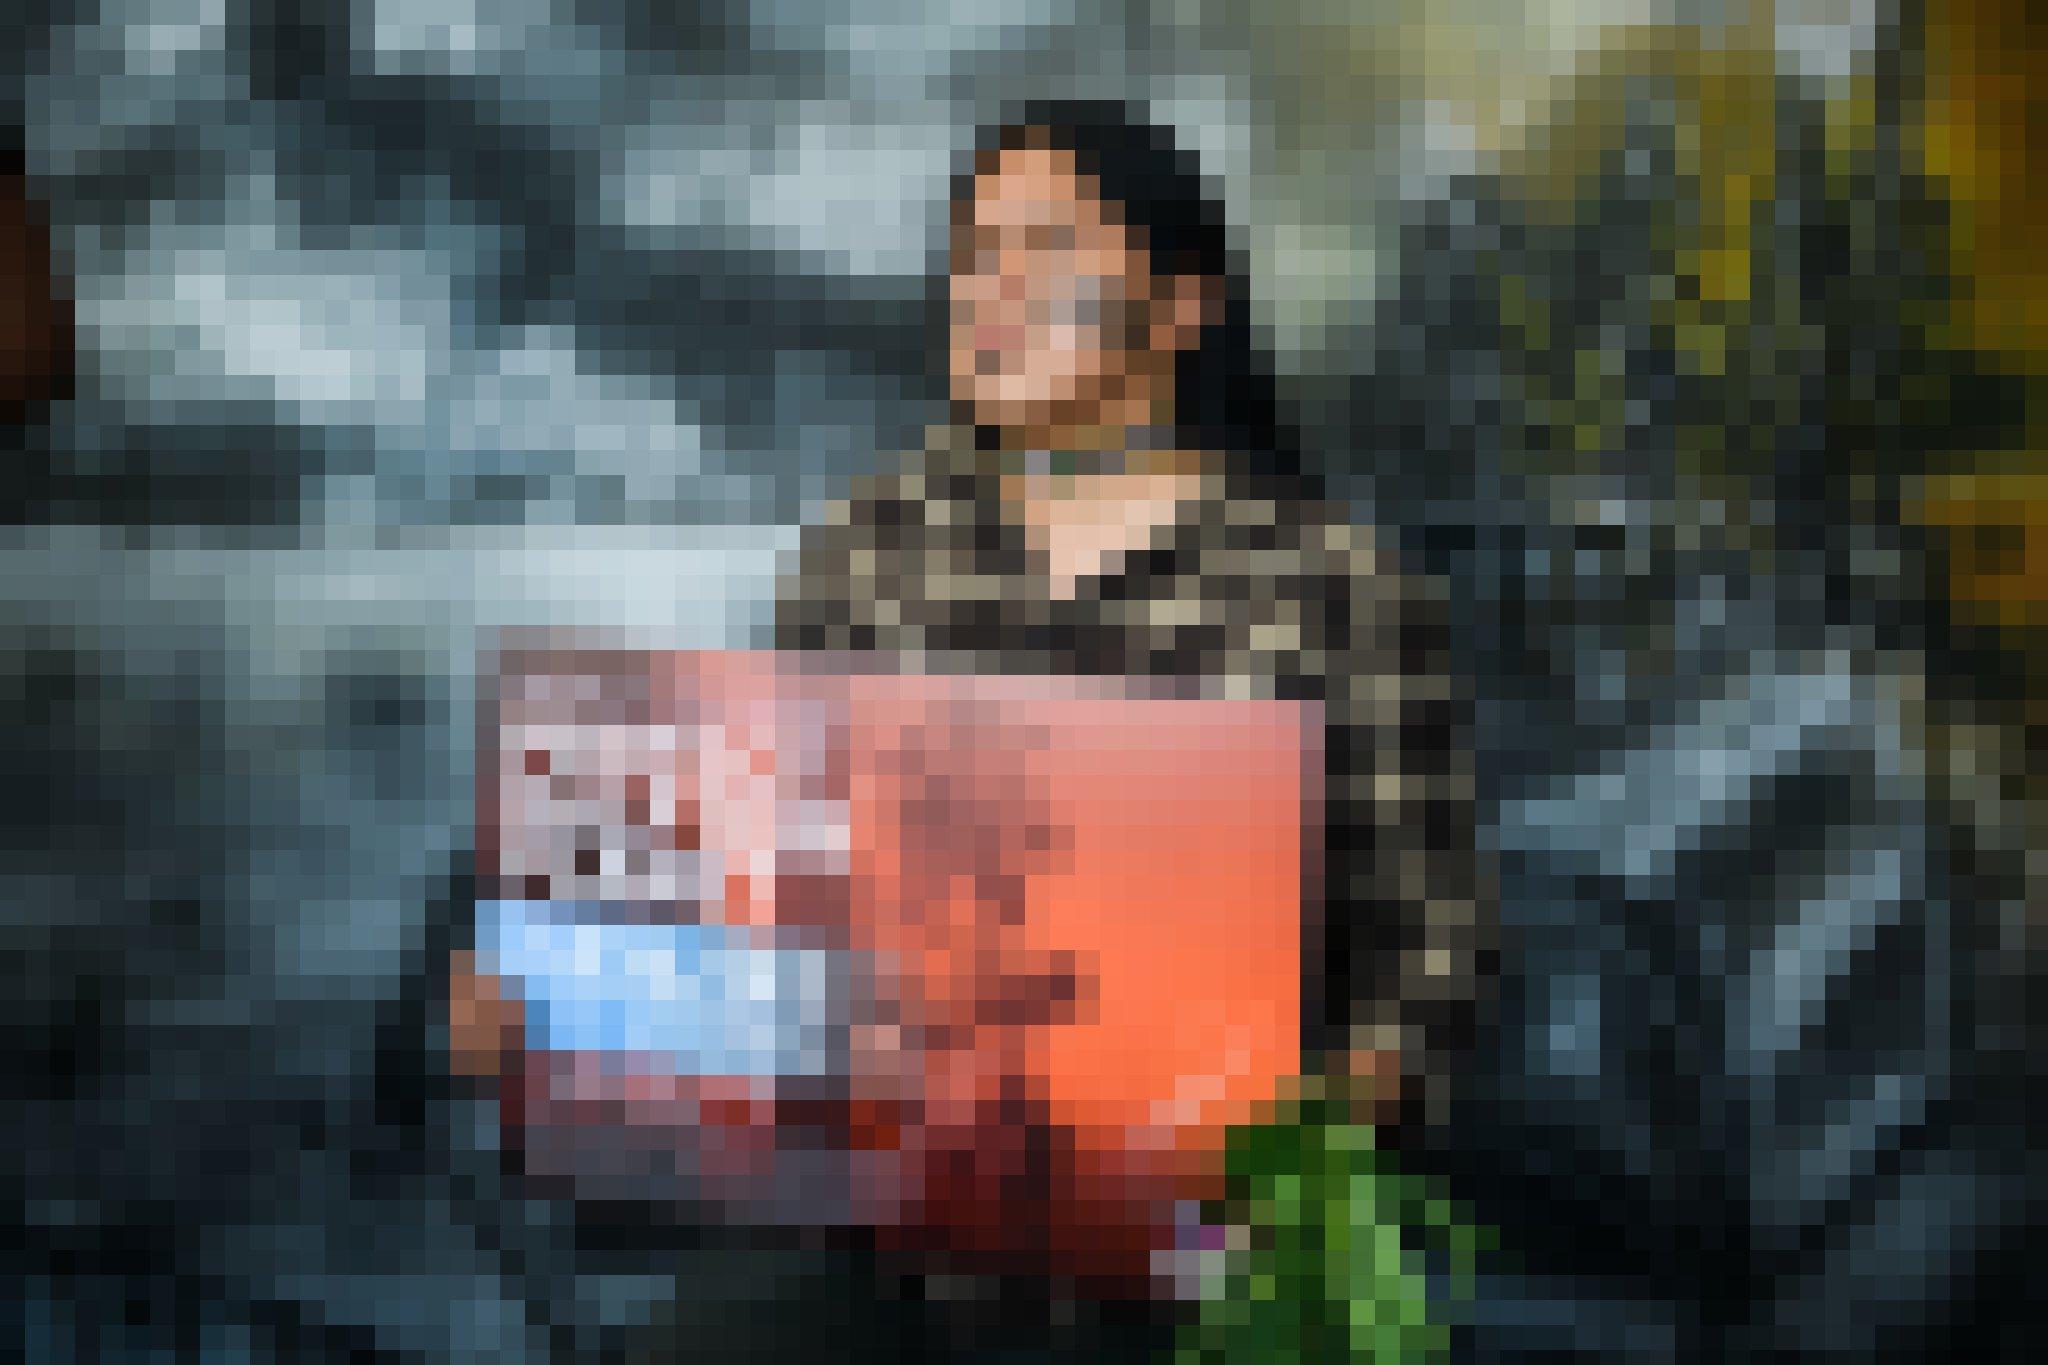 Eine Vertreterin der Abordnung aus dem amazonischen Tiefland hält ein Plakat mit der Forderung, 50Prozent des Planeten zu schützen